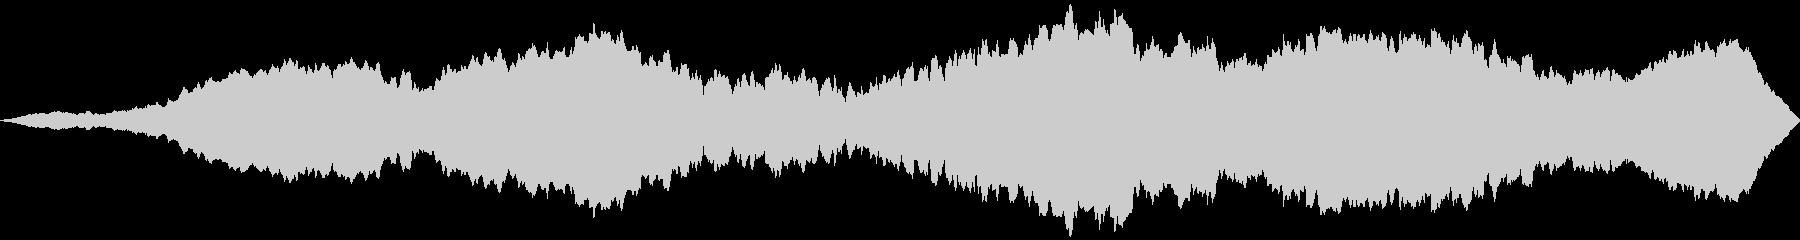 シンセストリングドローン:ロングス...の未再生の波形